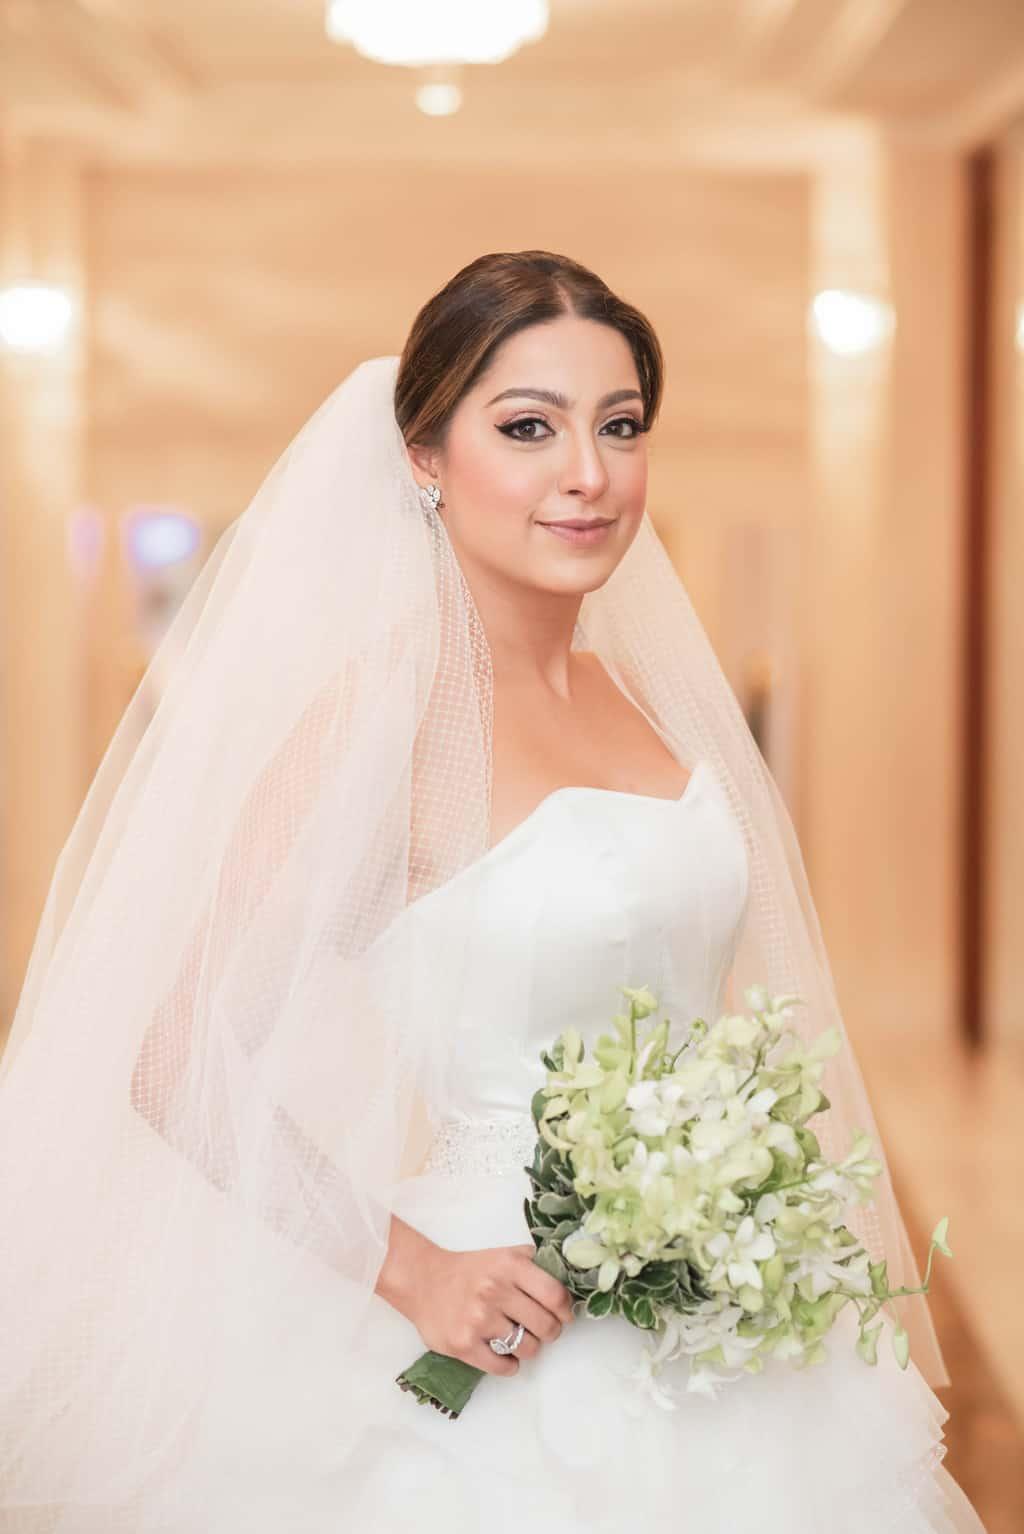 beleza-da-noiva-casamento-Karynna-e-Fernando-cerimonial-TCD-Eventos-fotografia-Marina-Fava-making-of15